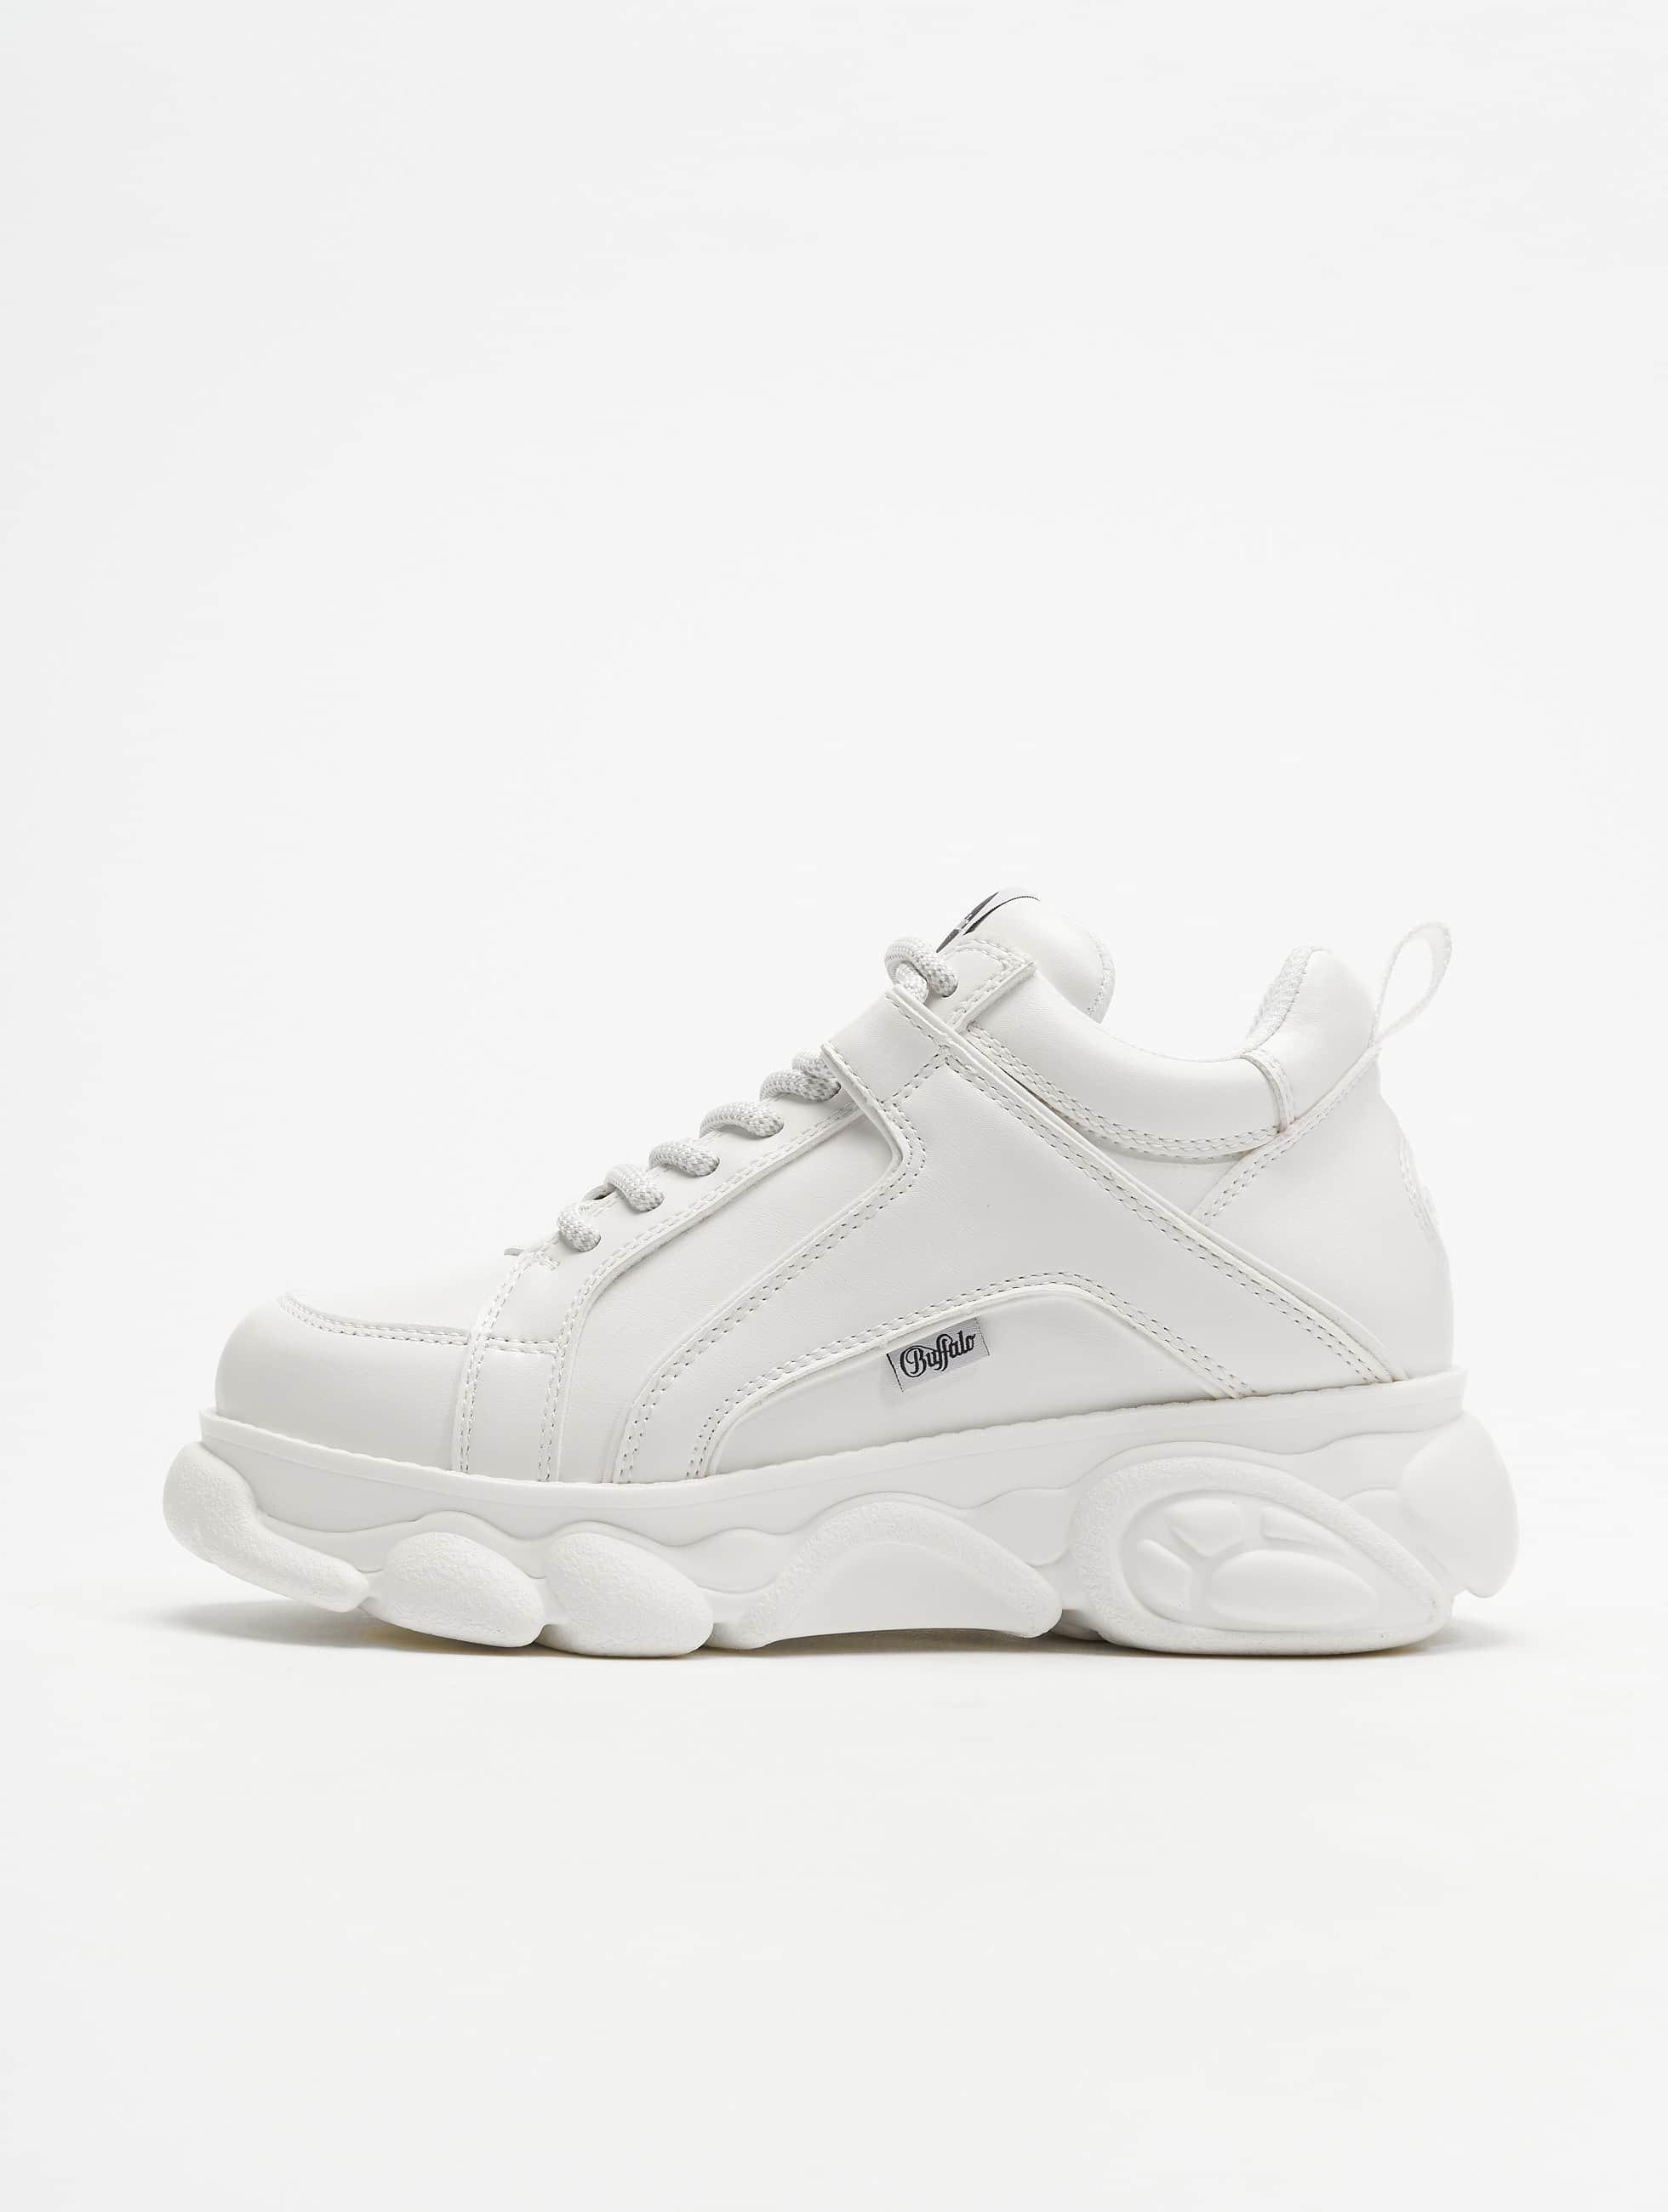 Corin Sneakers White Buffalo White Buffalo Corin Buffalo Corin White Sneakers deQBorCxWE